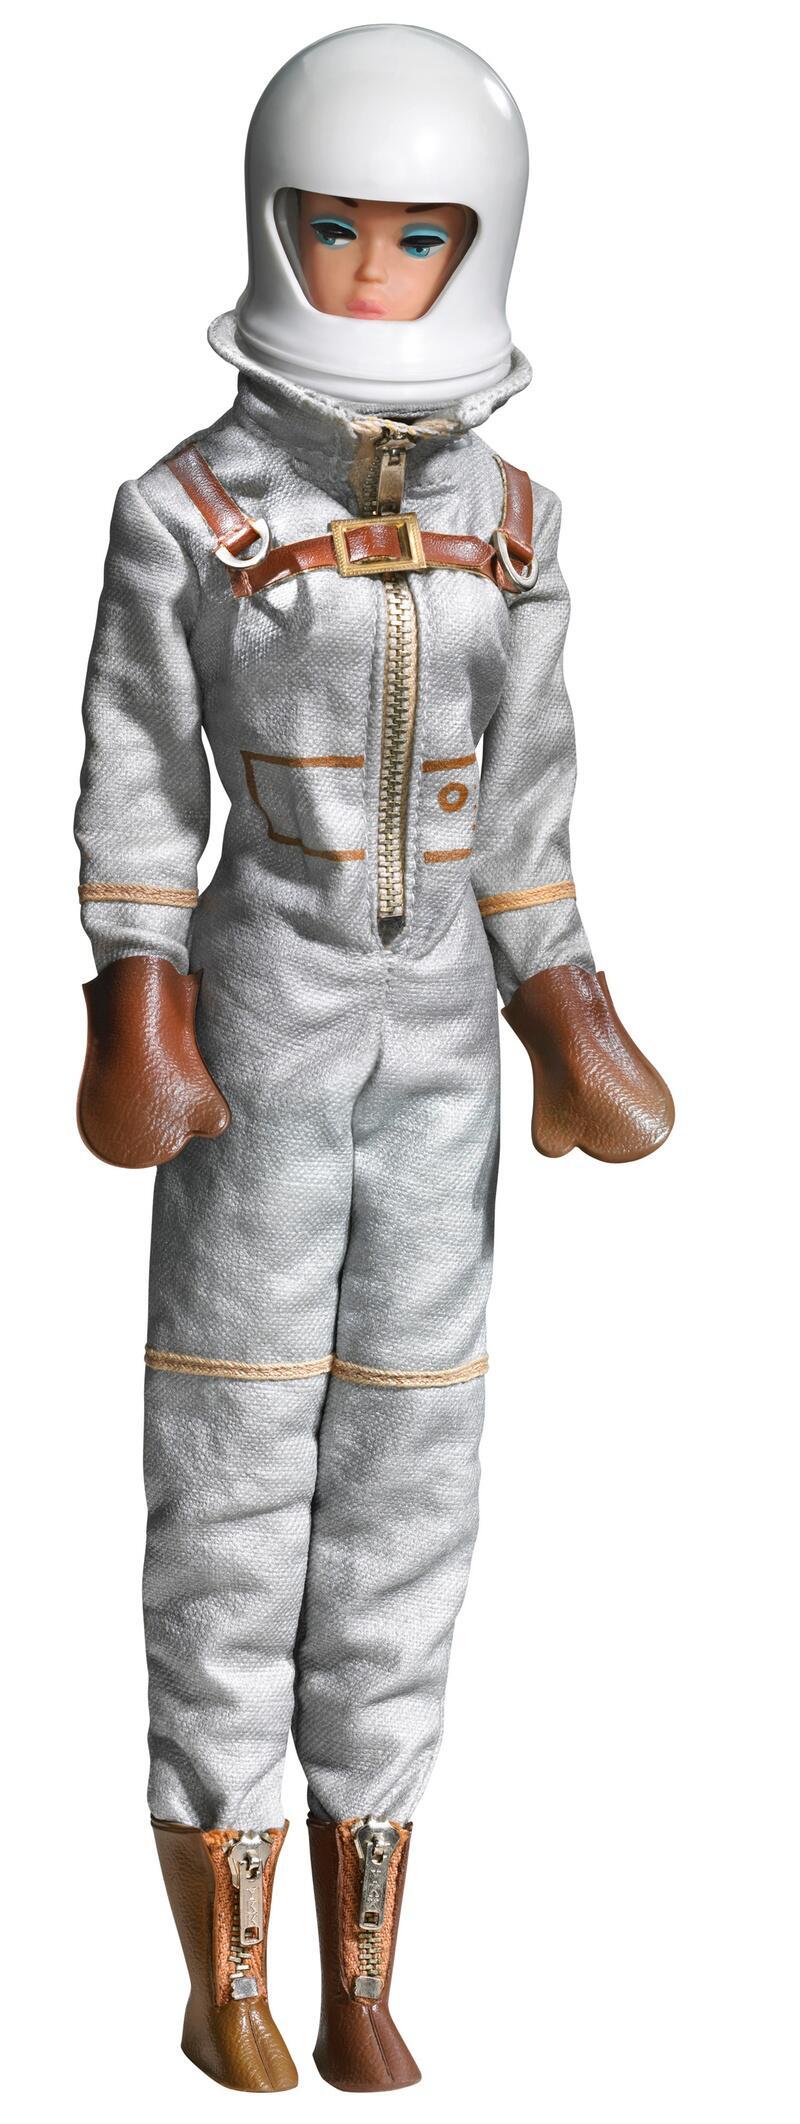 Bild zu 1965 - Astronauten-Barbie